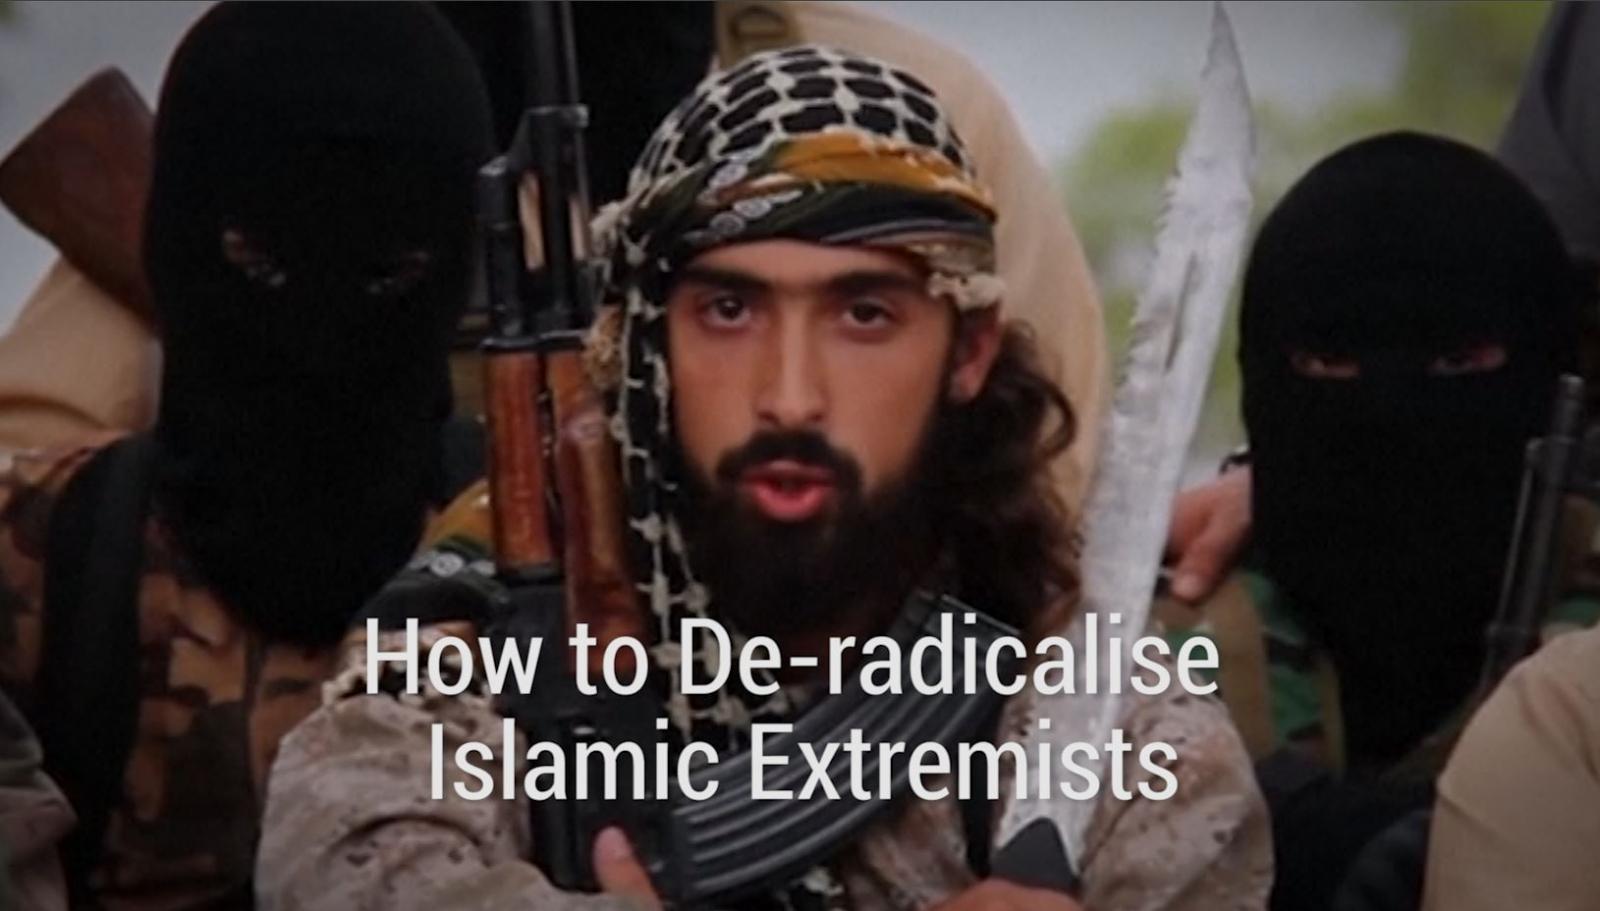 How to De-radicalise Islamist Extremists